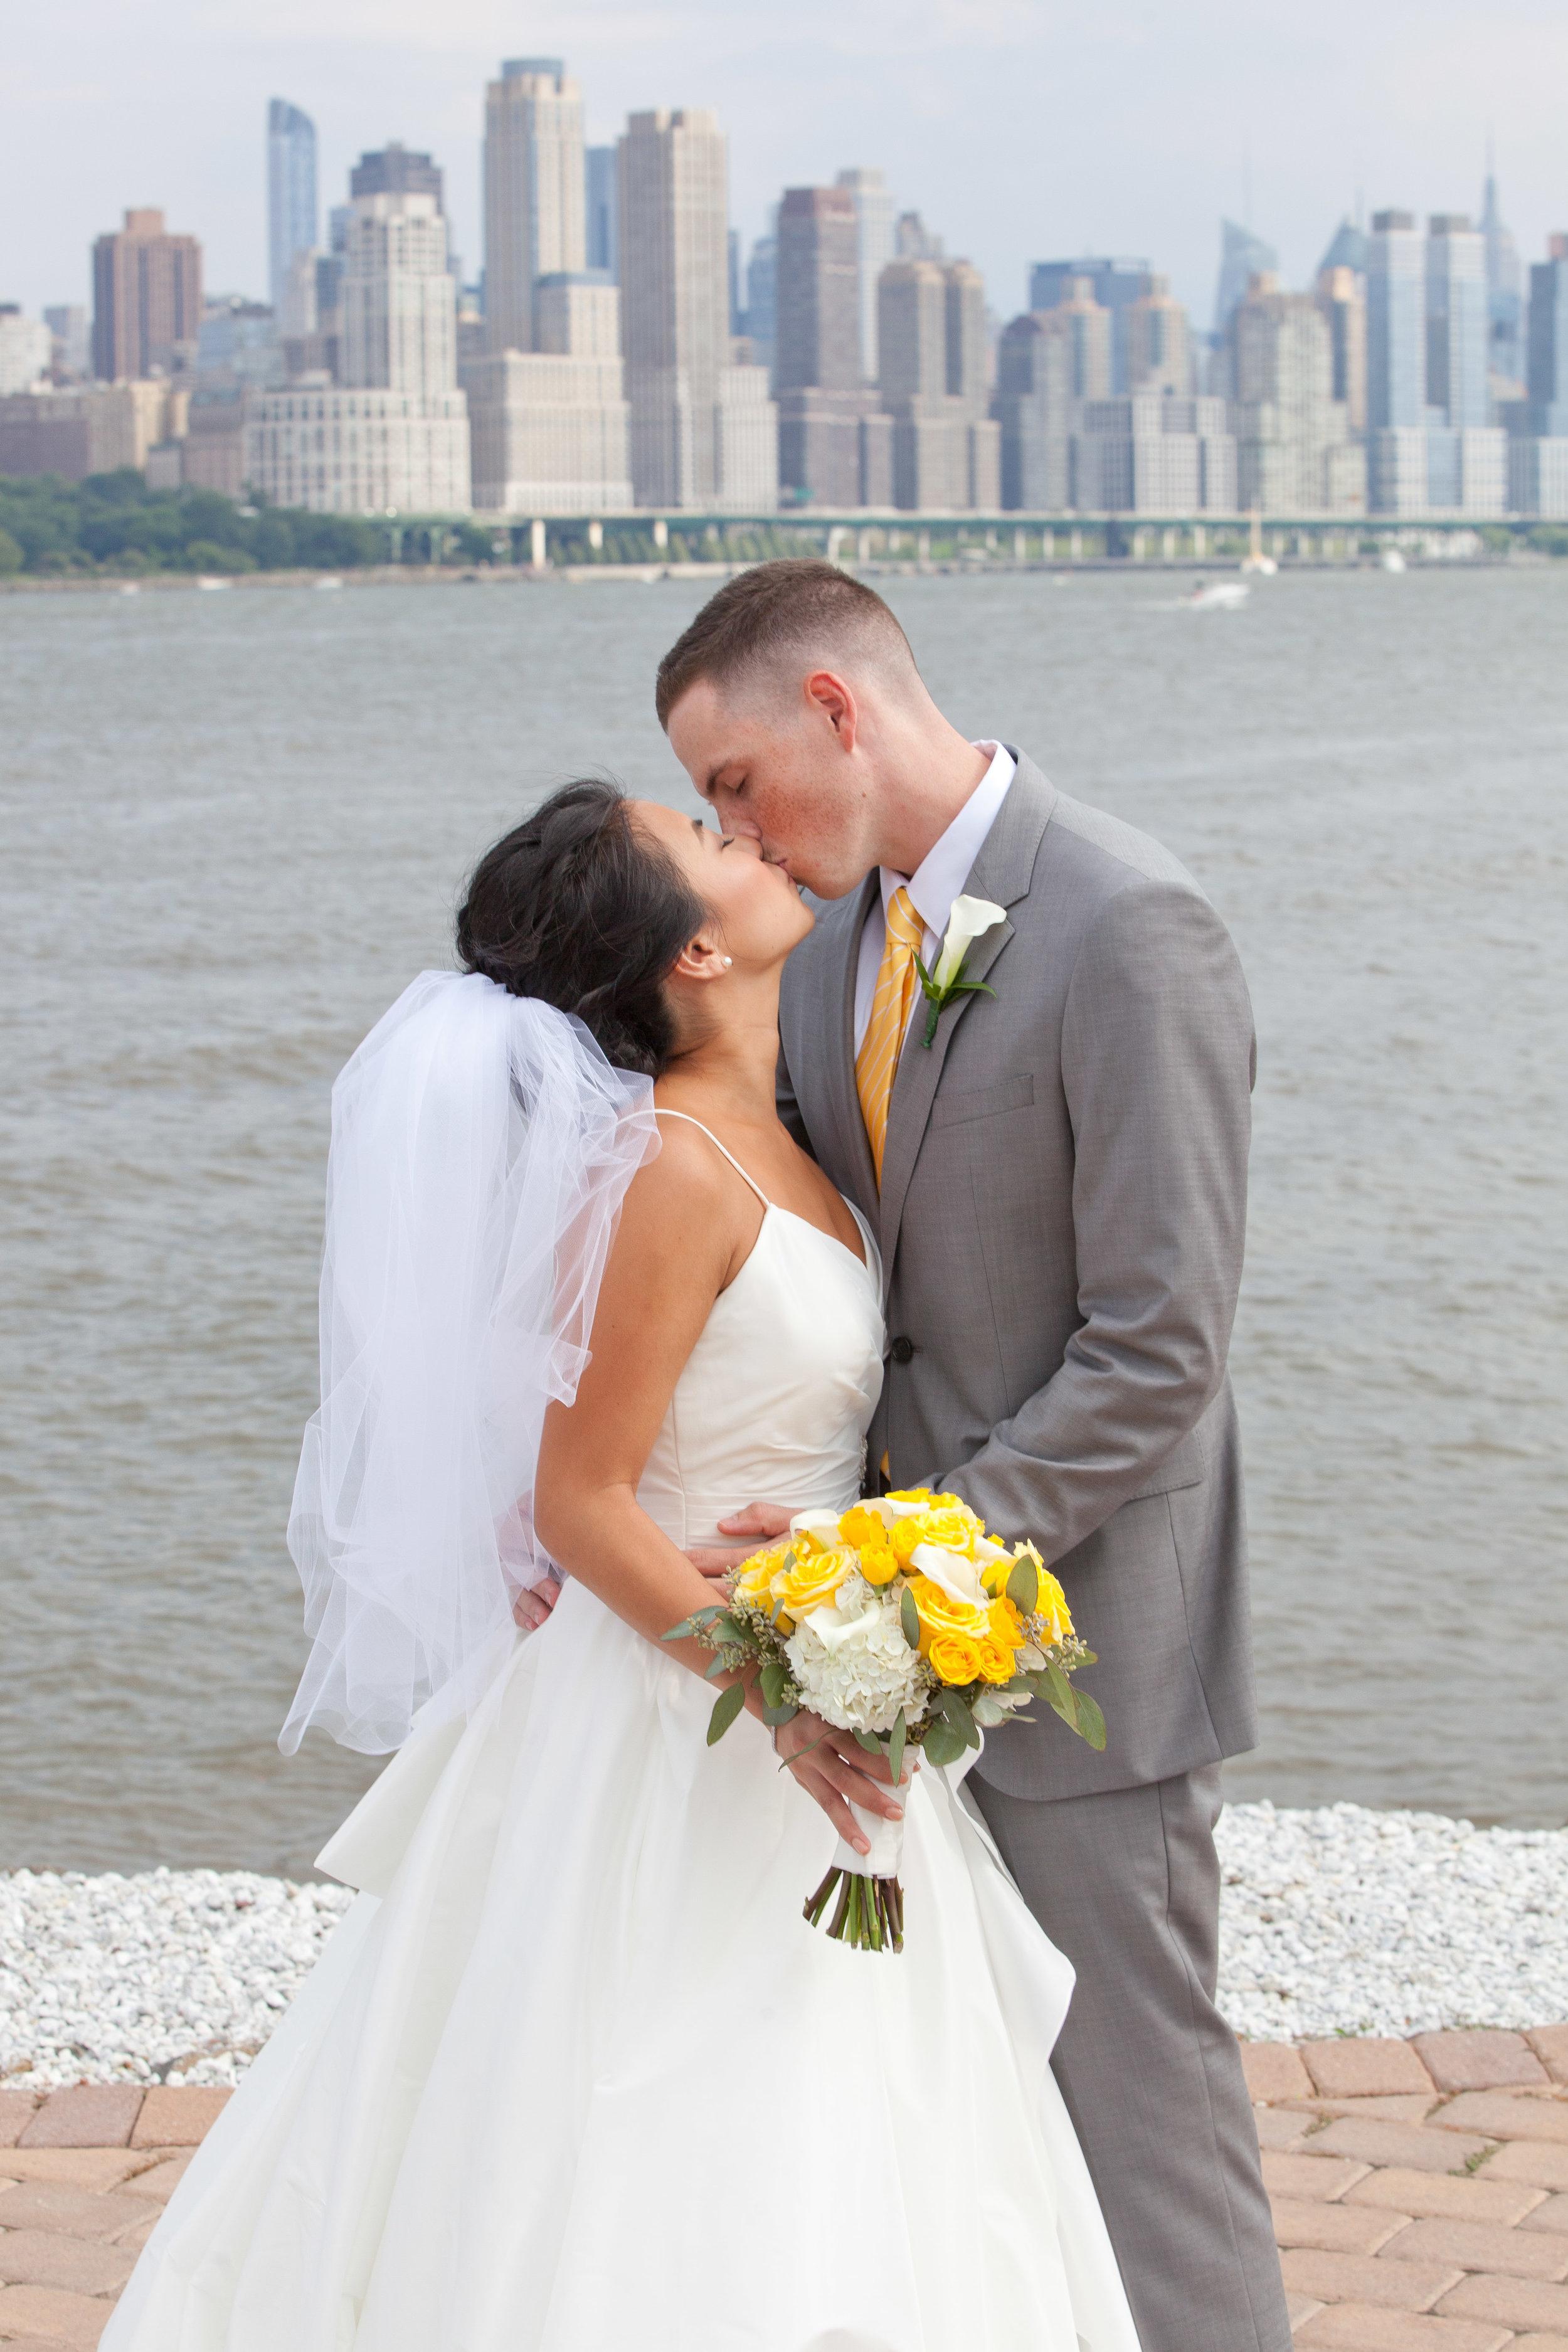 Janet & Tyler | Waterside | New Jersey